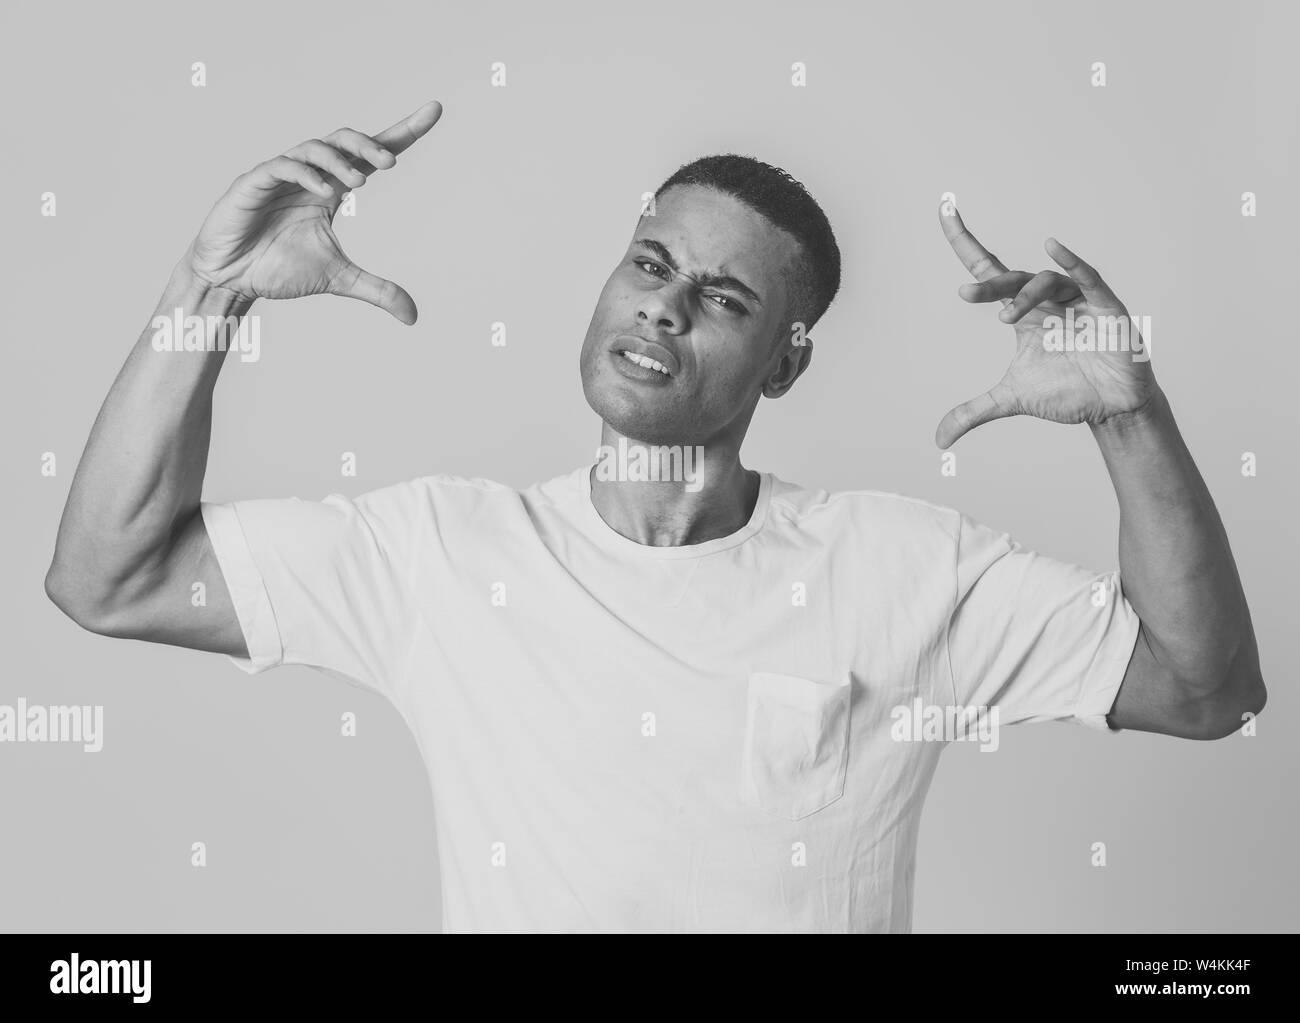 Nahaufnahme, Porträt einer attraktiven jungen afrikanischen amerikanischen Mann mit wütenden Blicken, wütend und Crazy in einen Streit oder Kampf. In den Menschen, die menschliche Stockfoto